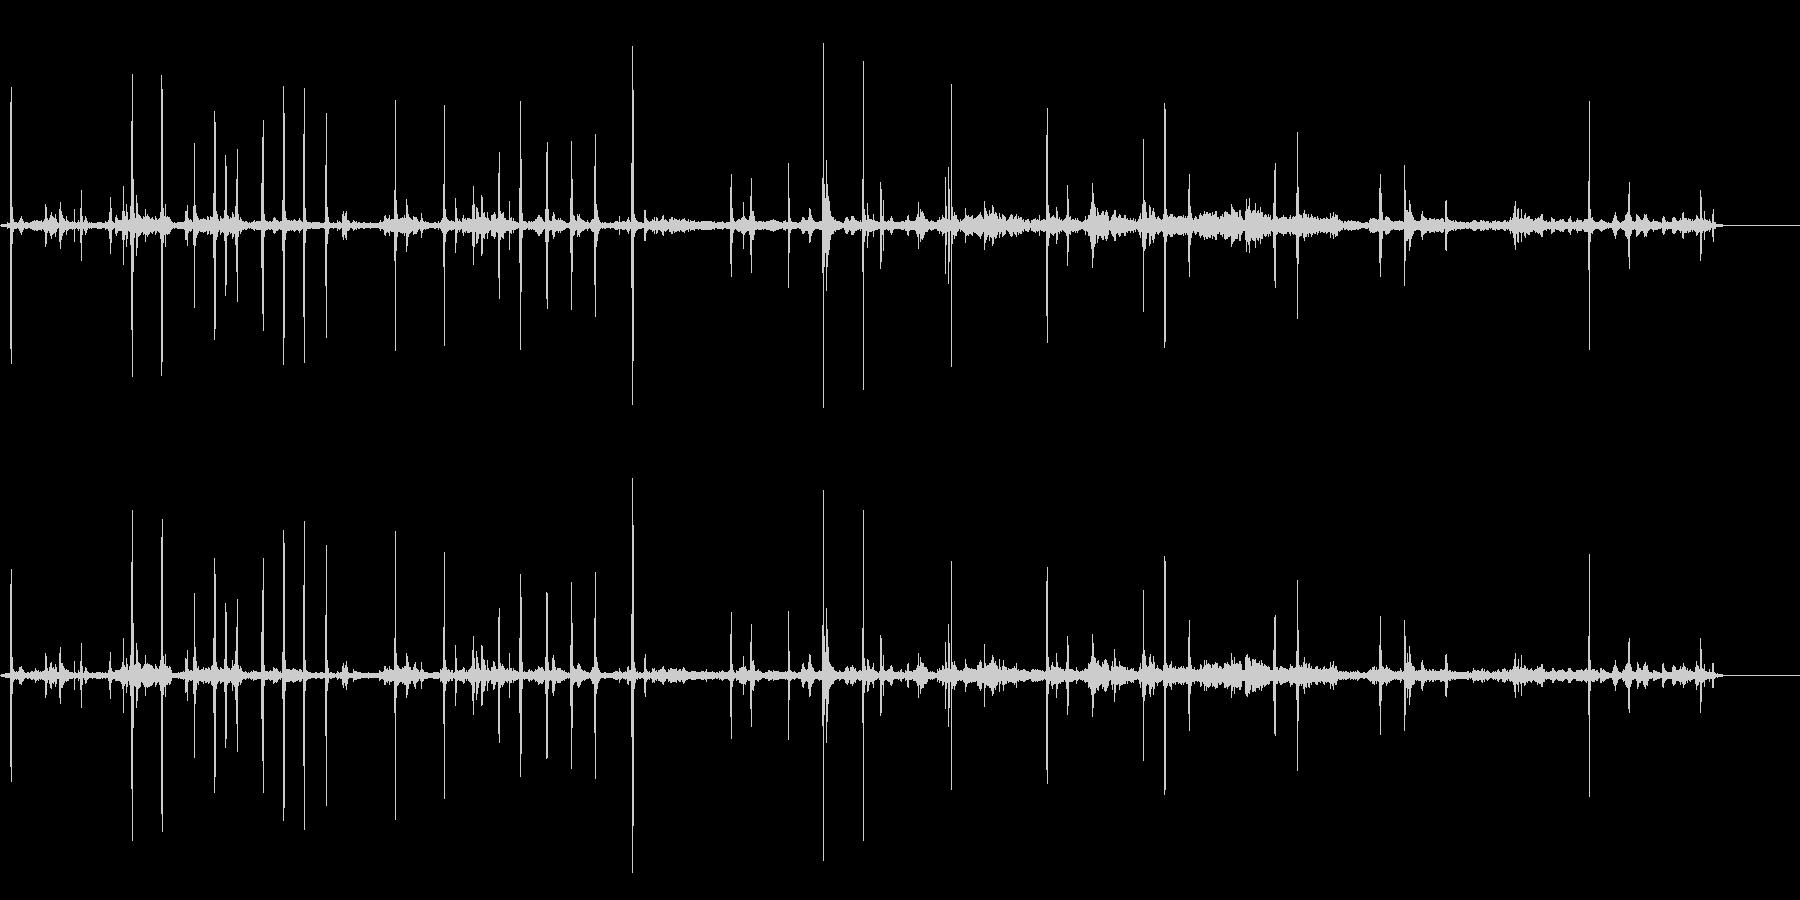 ペットケージ、ショップ、ラット、ク...の未再生の波形